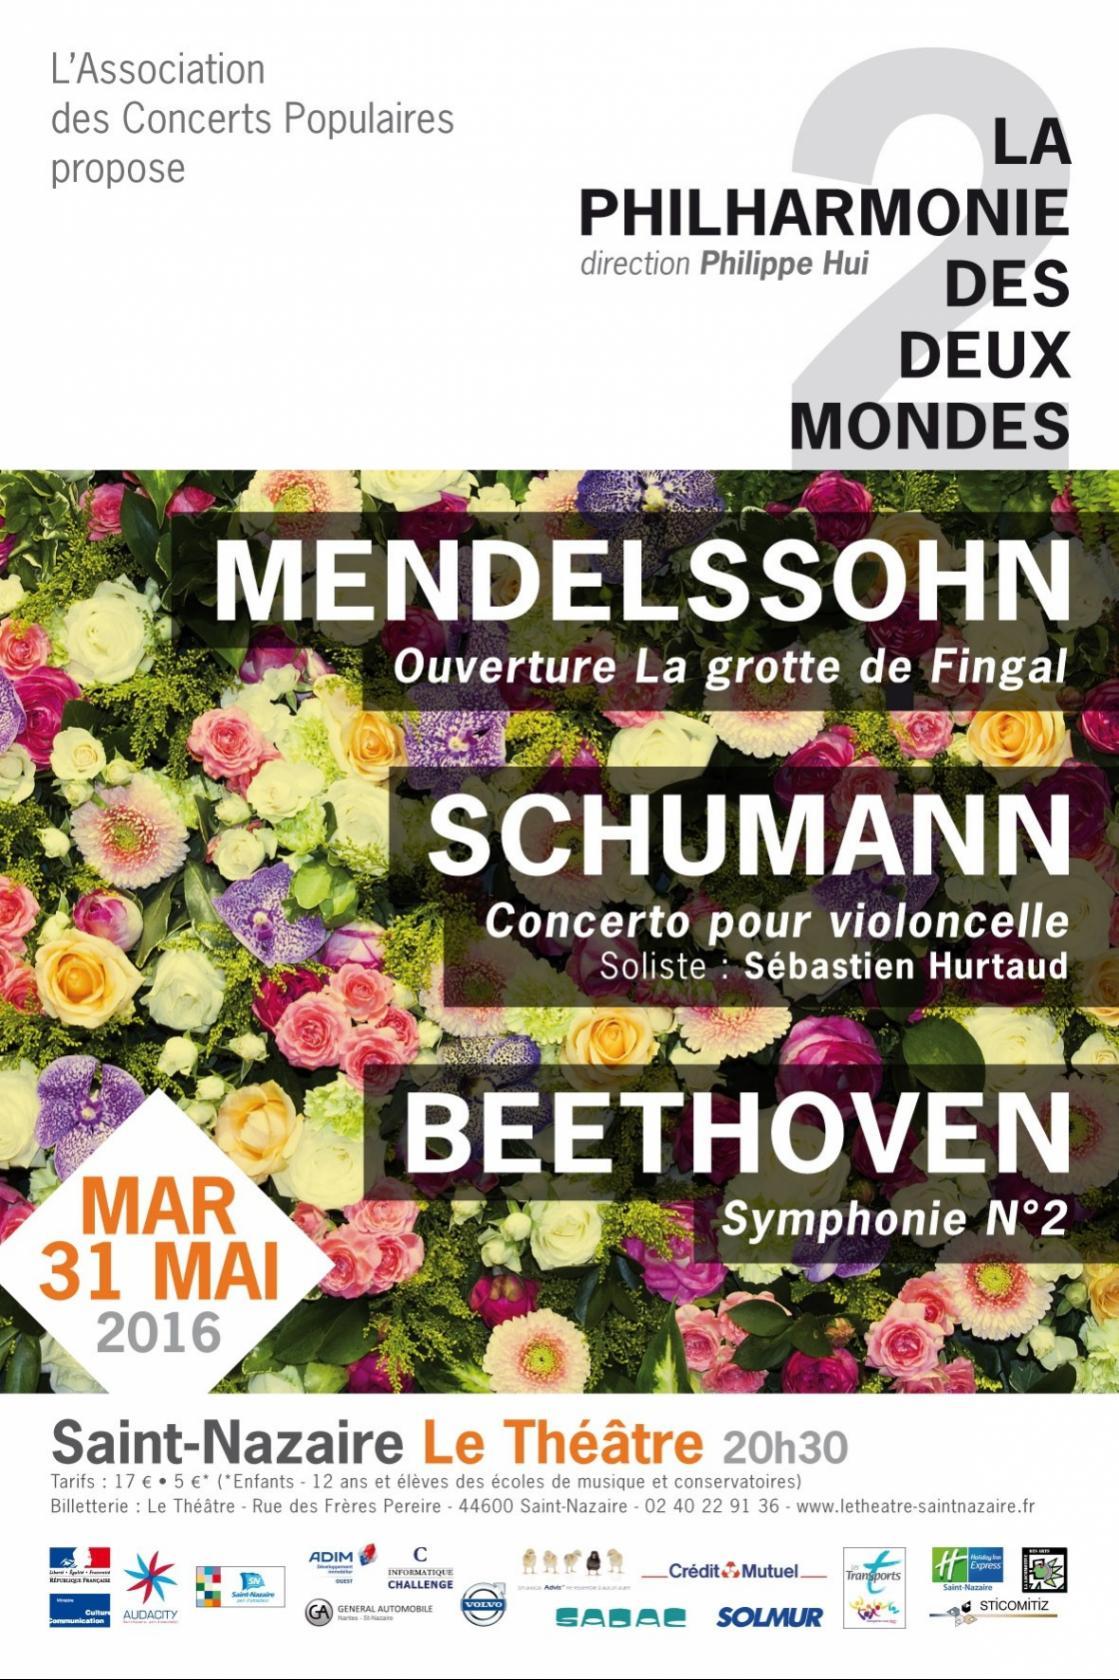 Concert de la Philharmonie des Deux Mondes à Saint-Nazaire Saint-Nazaire